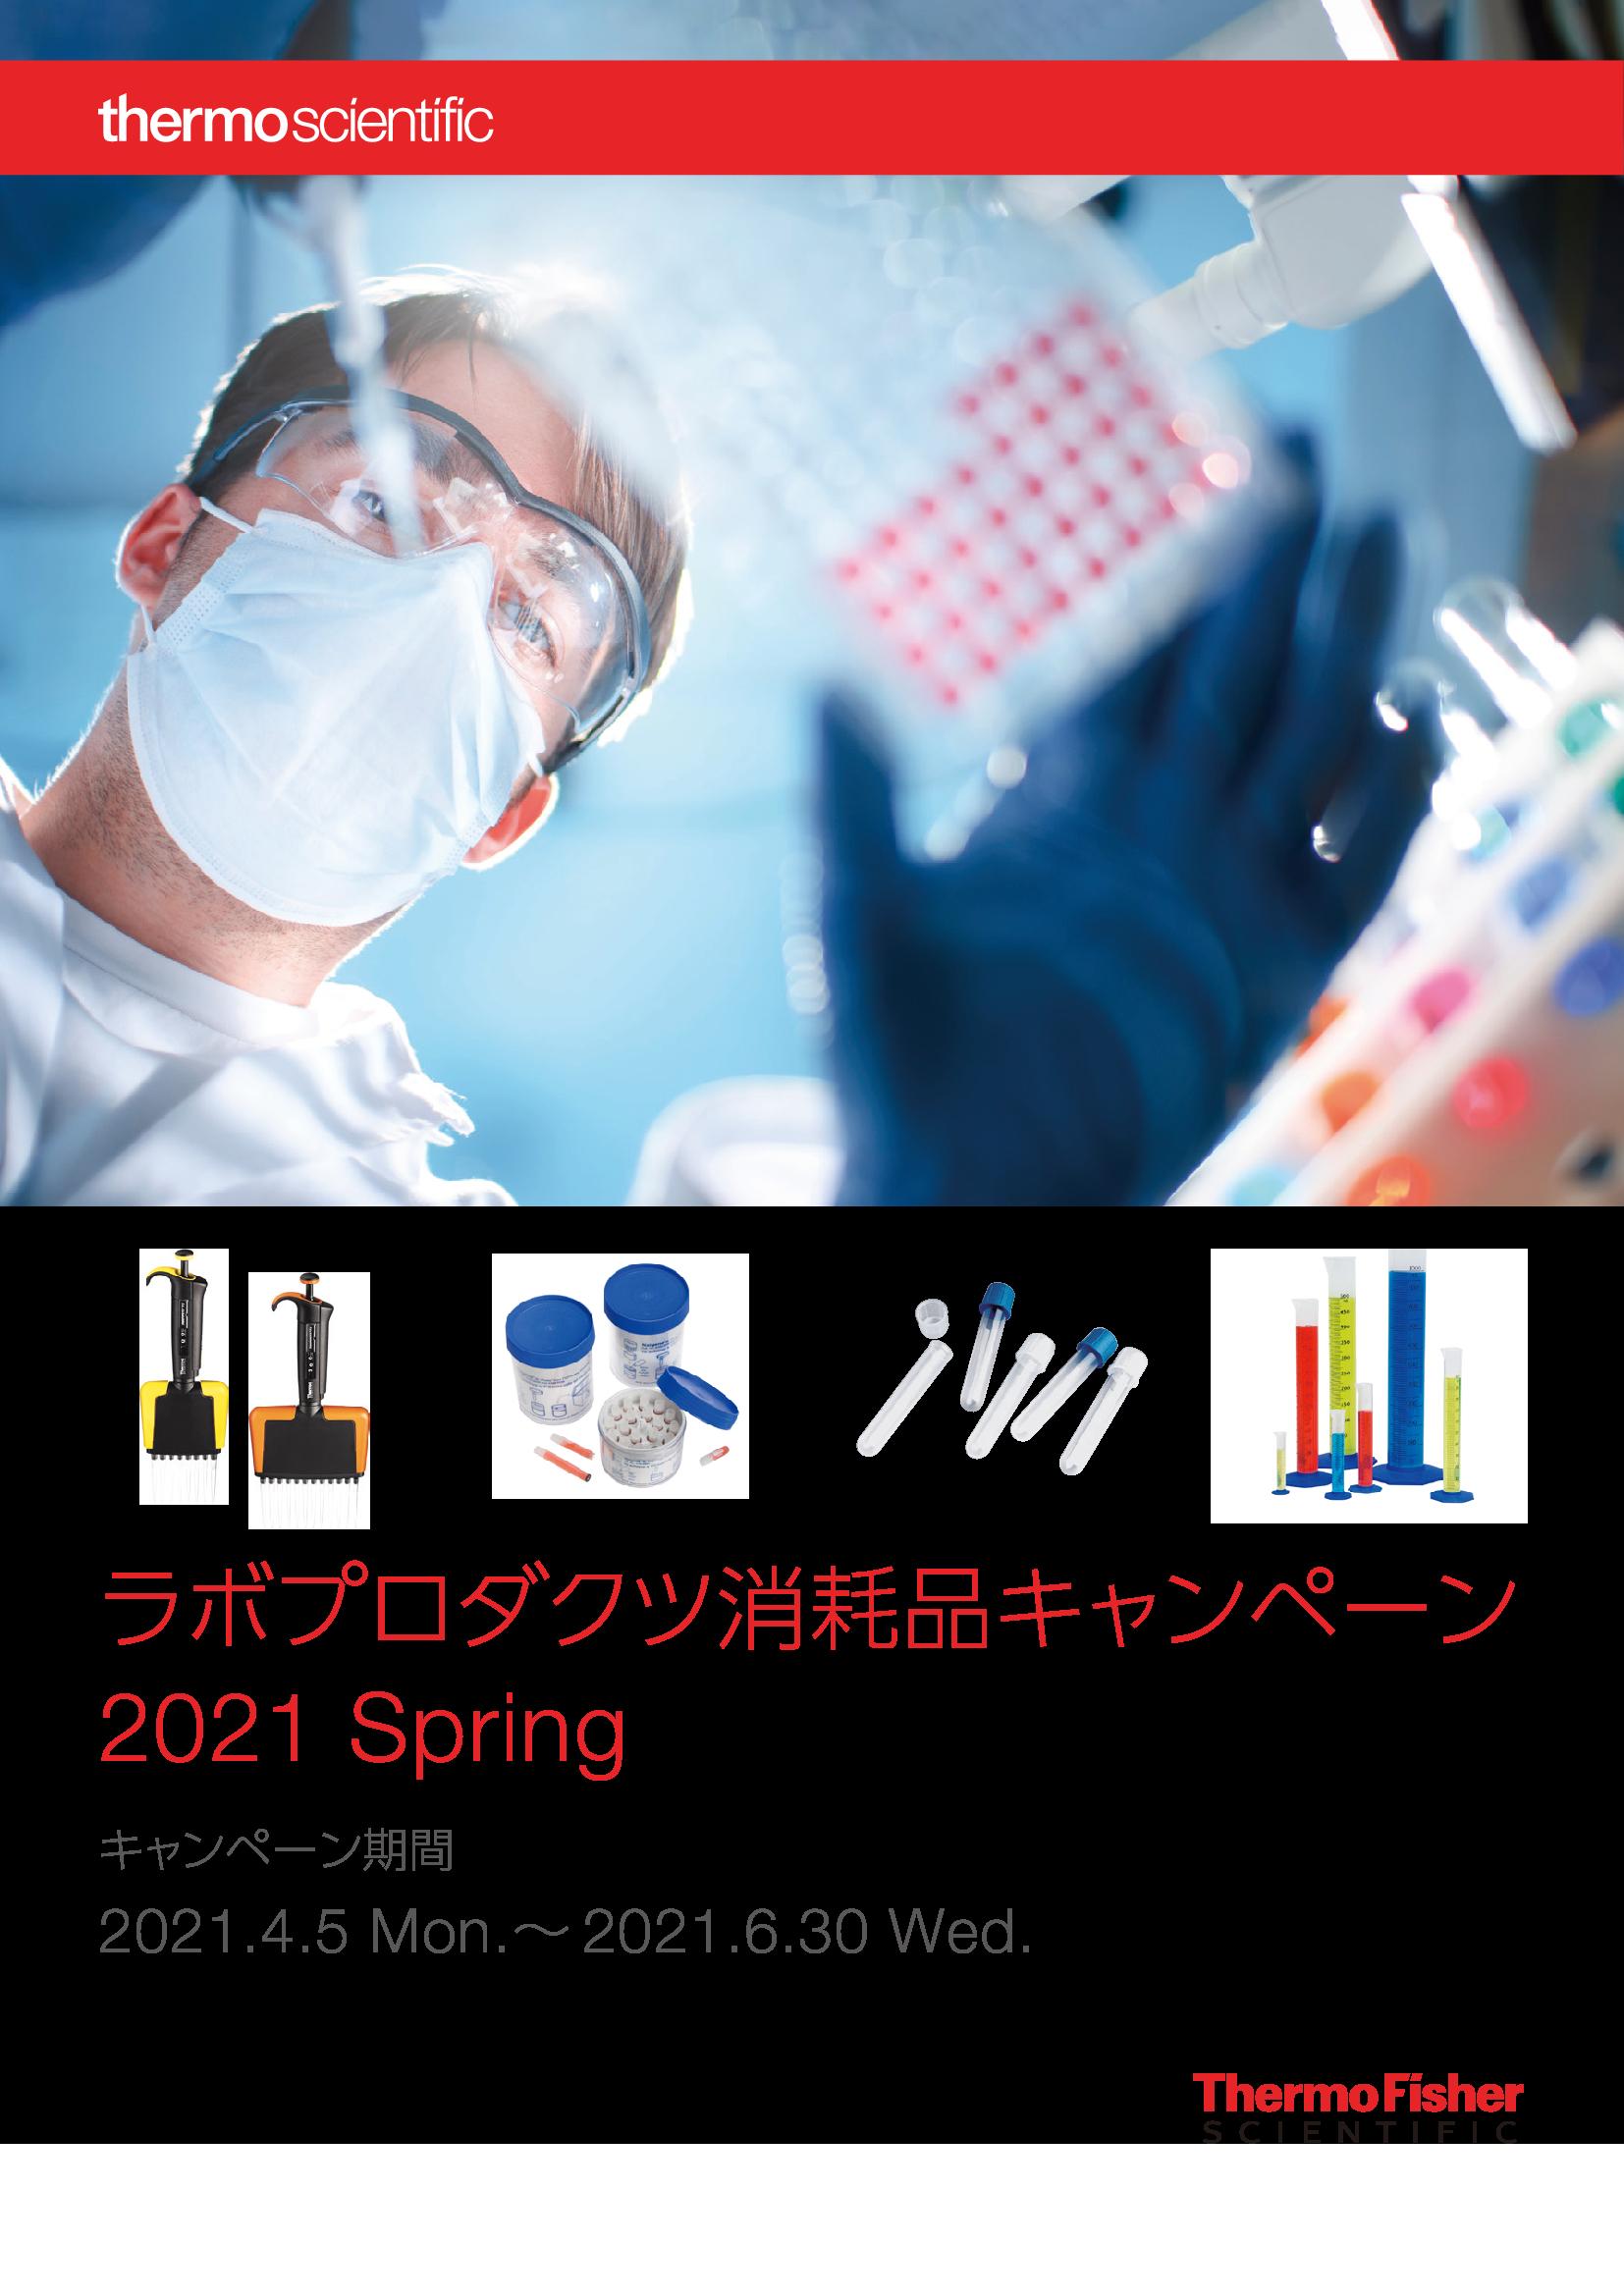 サーモフィッシャー ラボプロダクツ消耗品キャンペーン 2021 Spring